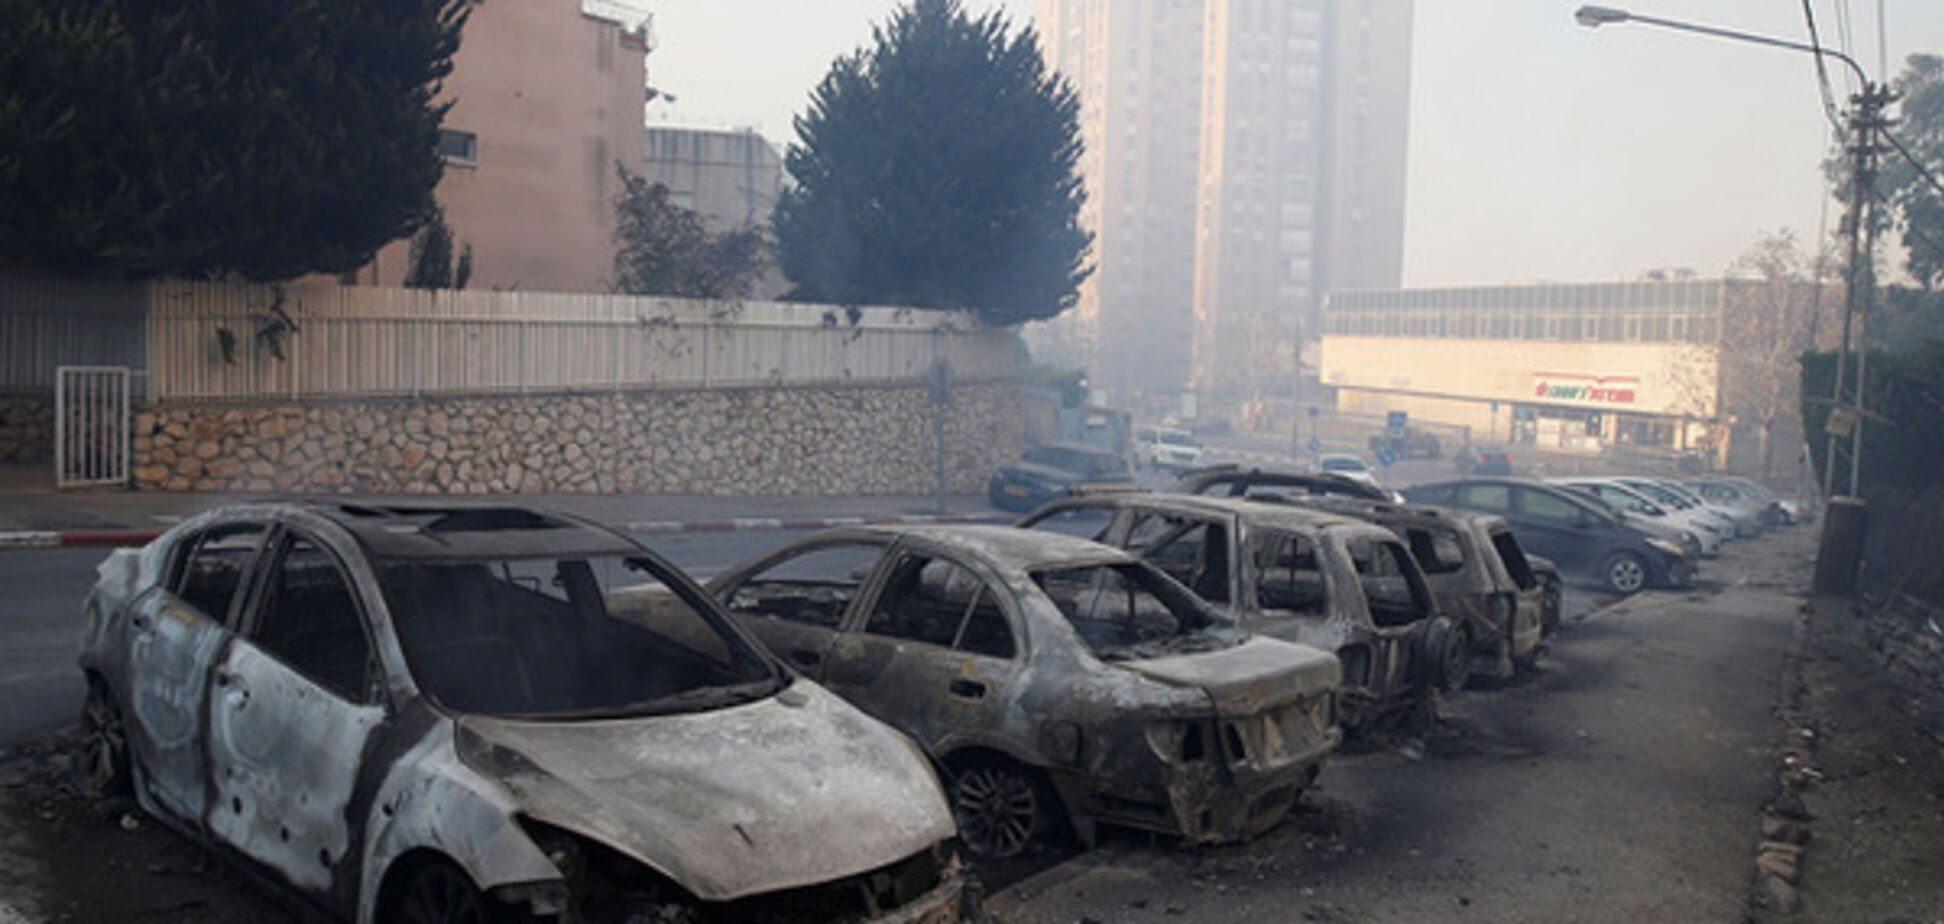 З\u0027явилися страшні фото наслідків вогняного терору в Ізраїлі